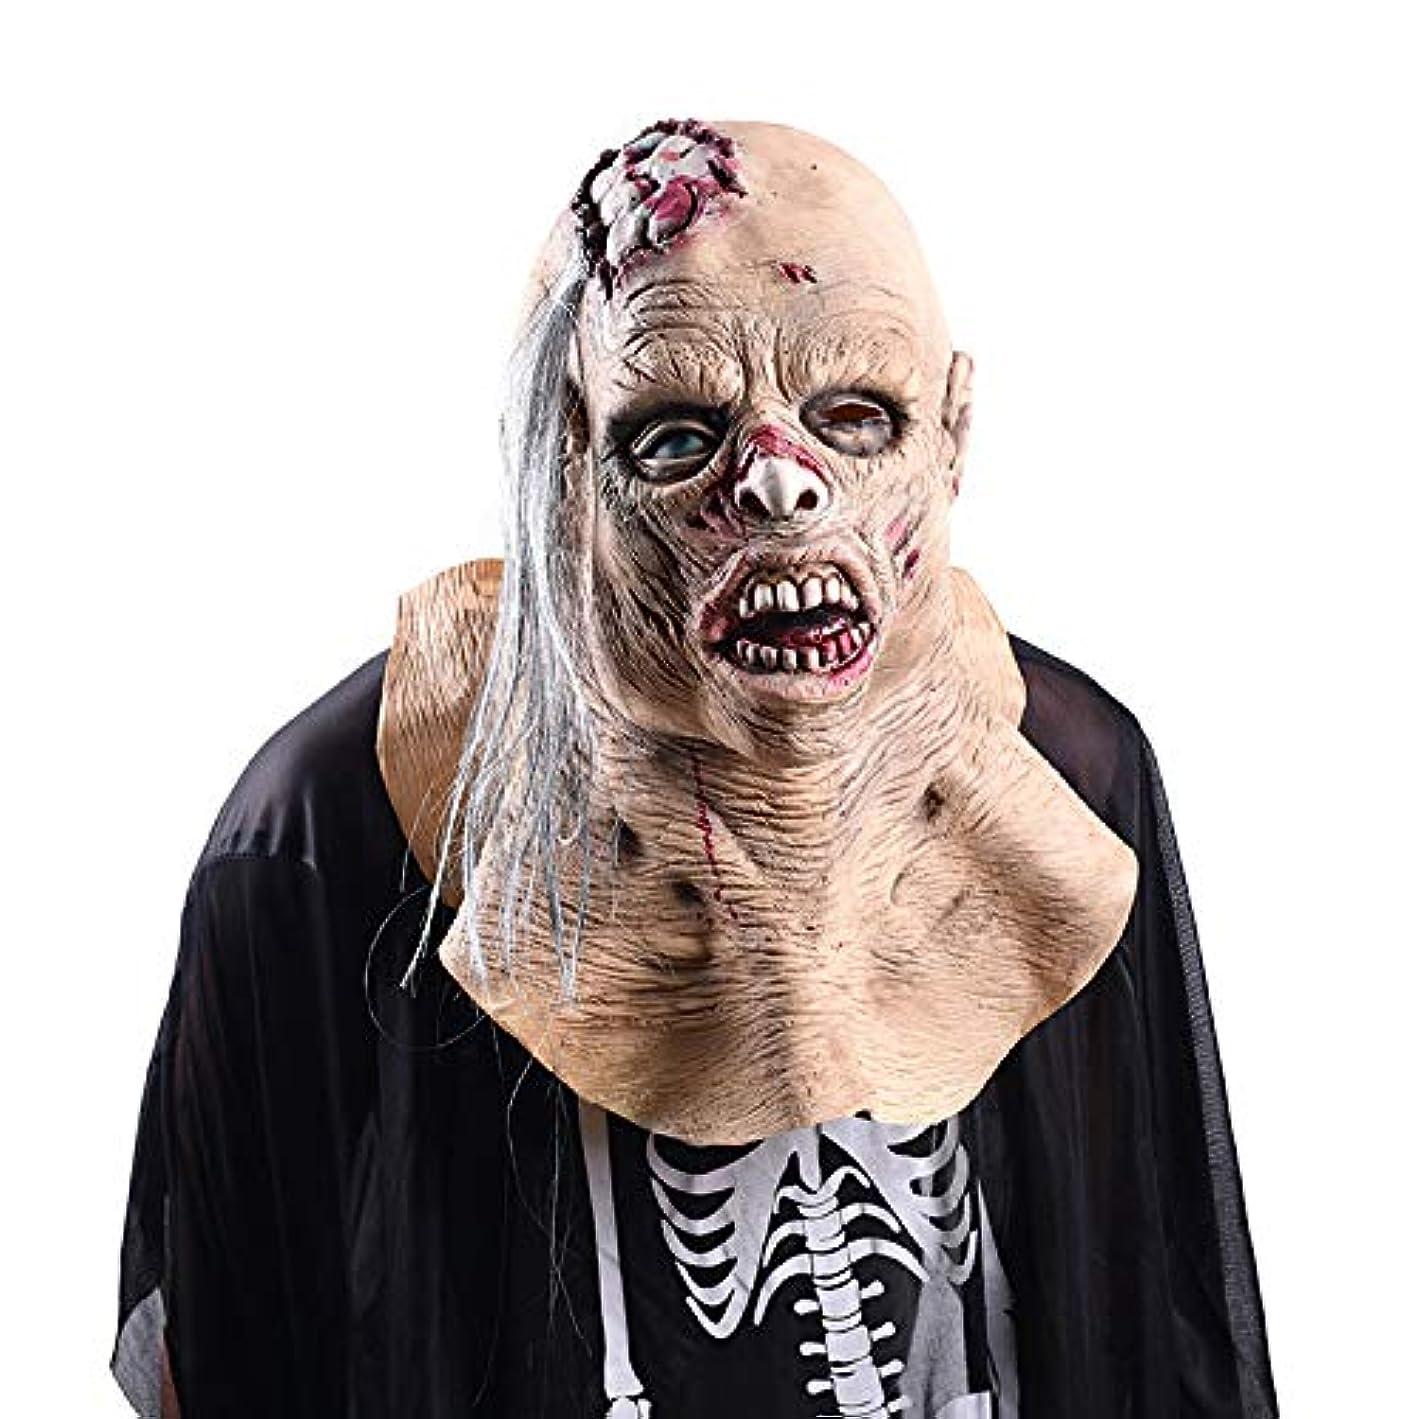 エクスタシー盲目物足りないハロウィーンマスクゾンビラテックスは、バイオハザードの恐怖ヴァンパイア怖い白頭悪いヘッドカバーマスク